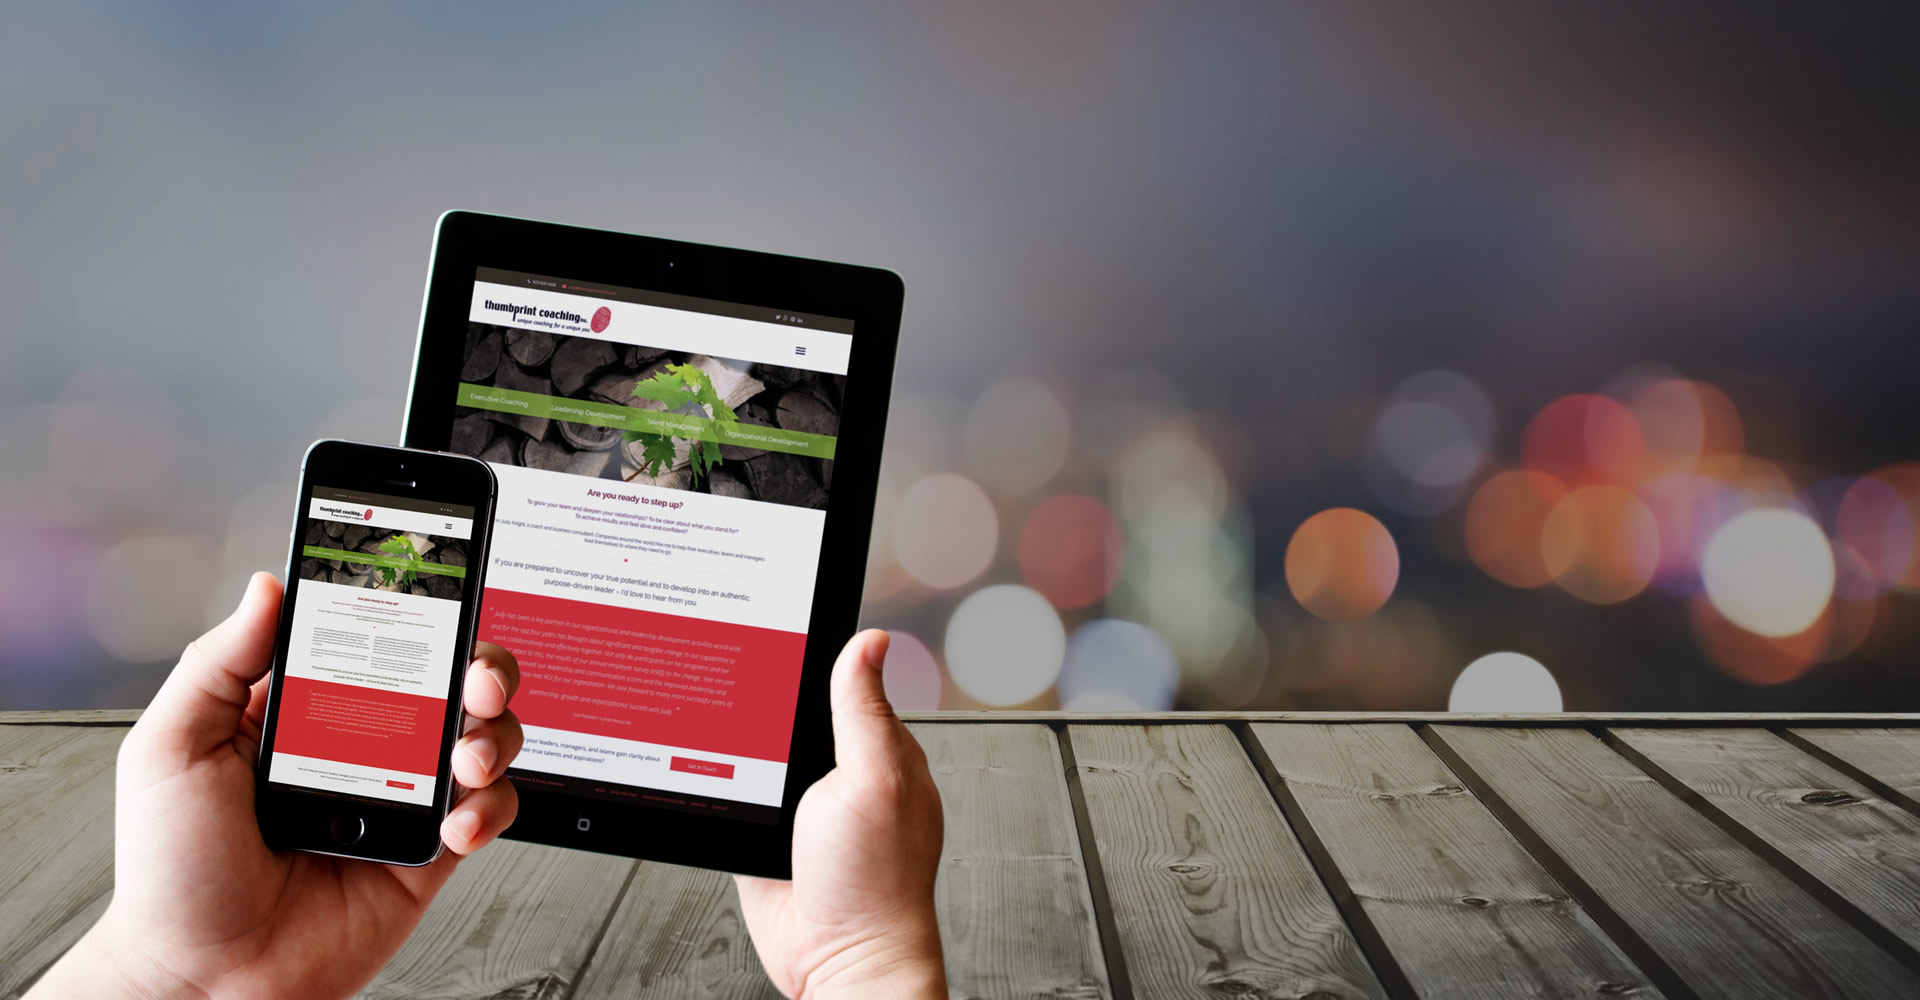 Website-Design-alter-ego-communications